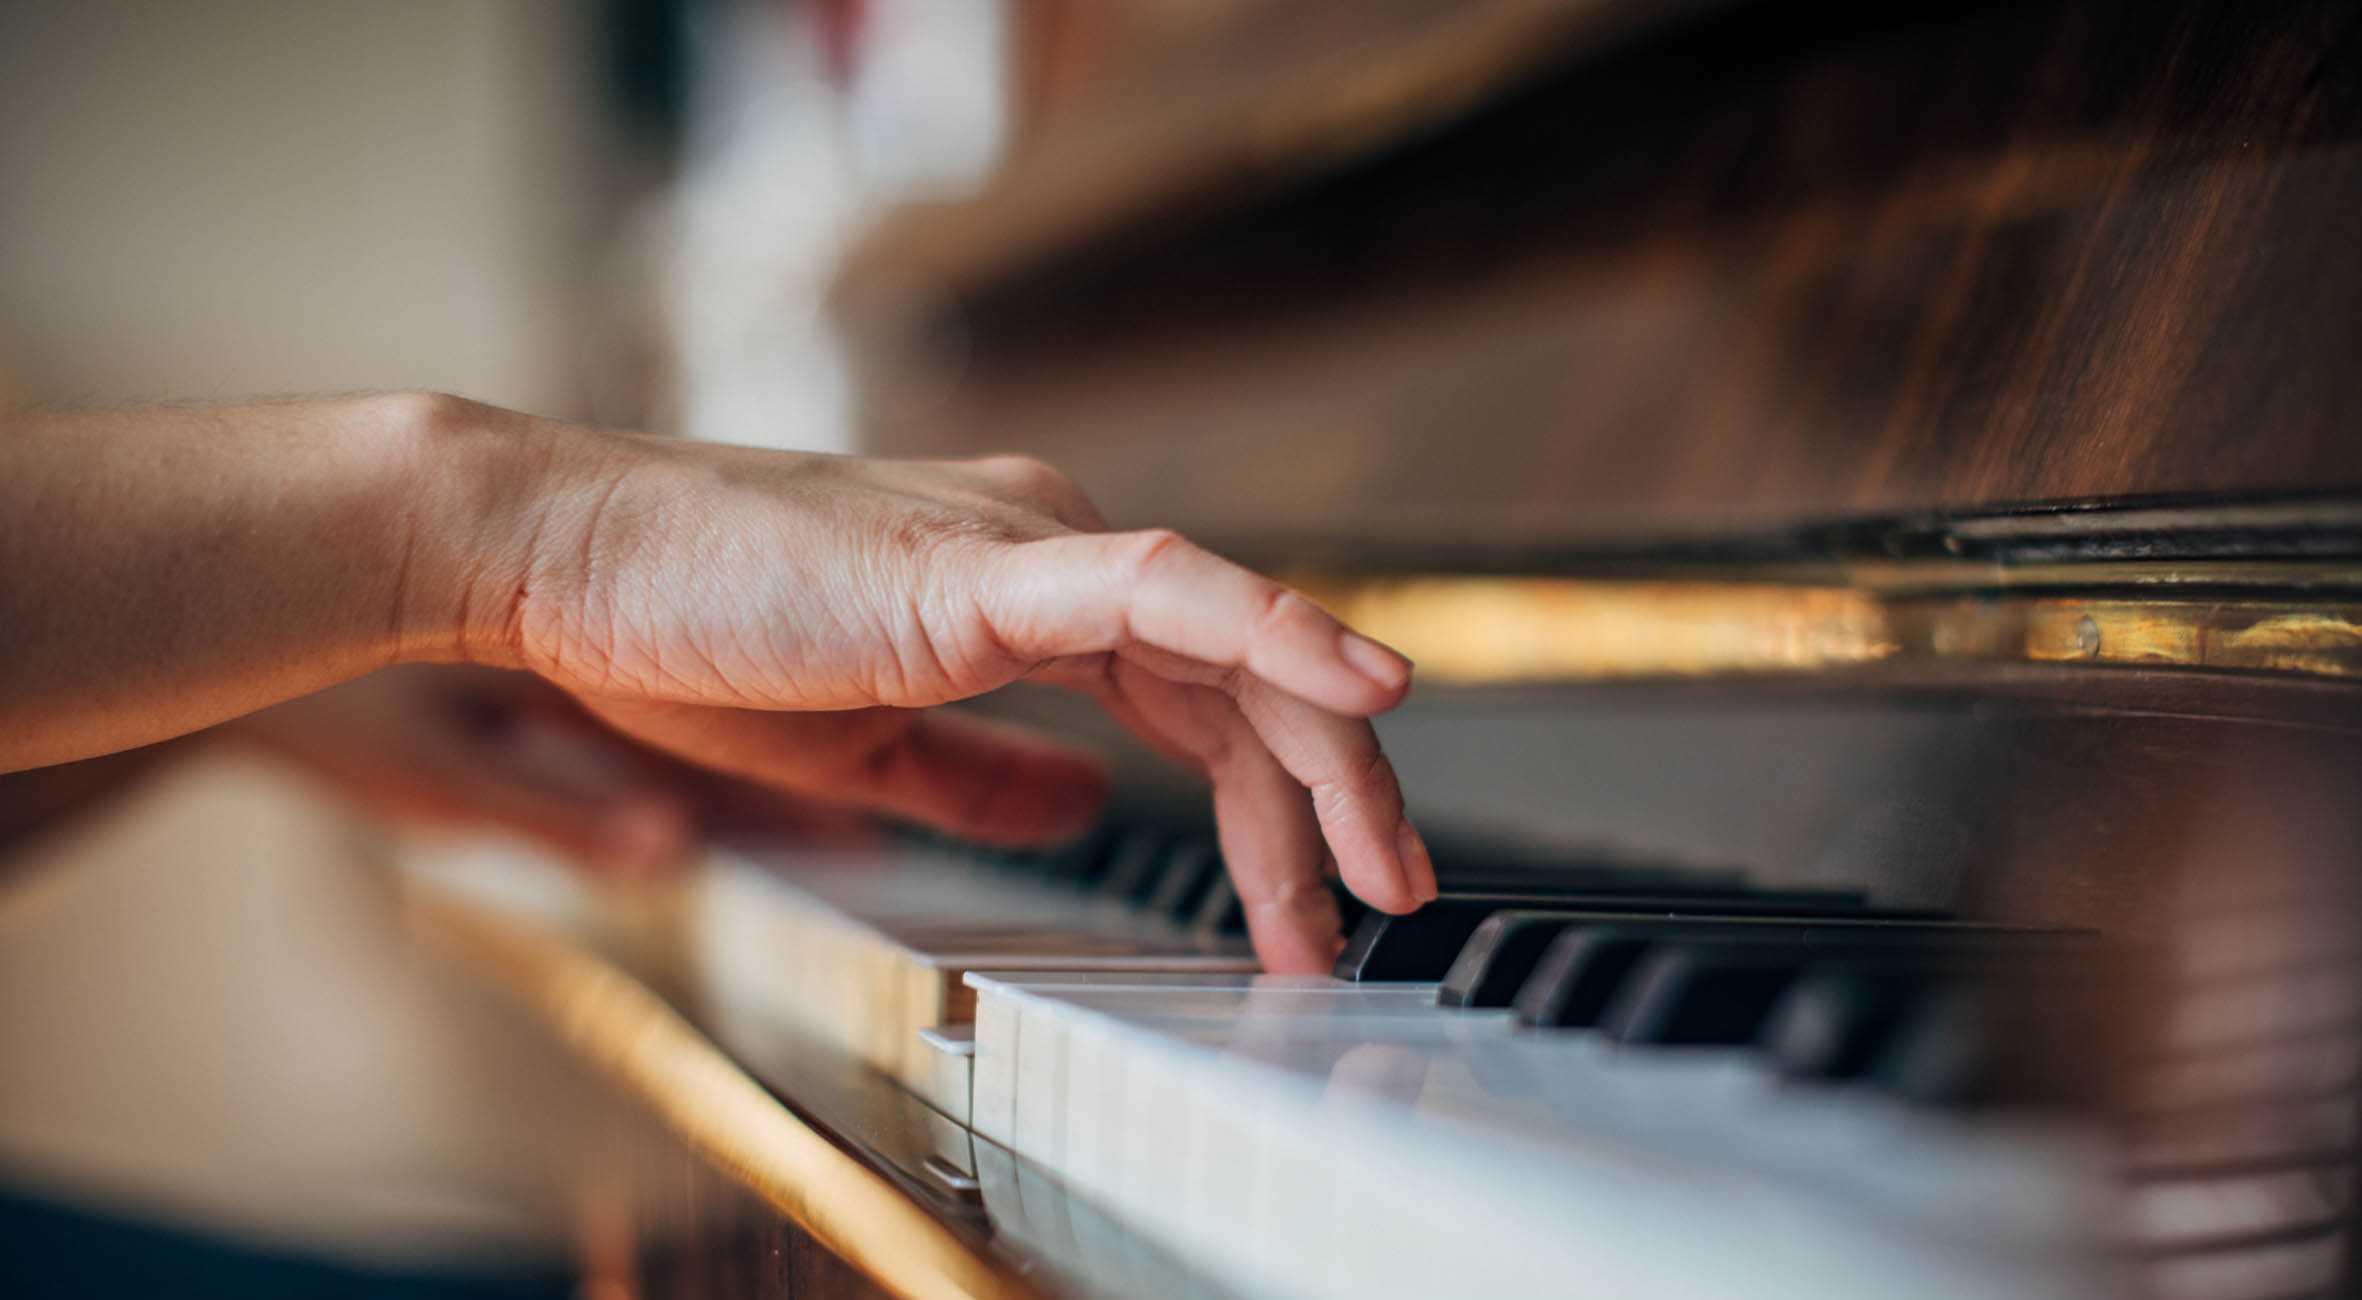 С возрастом мозгу требуется больше усилий для координации движений руками